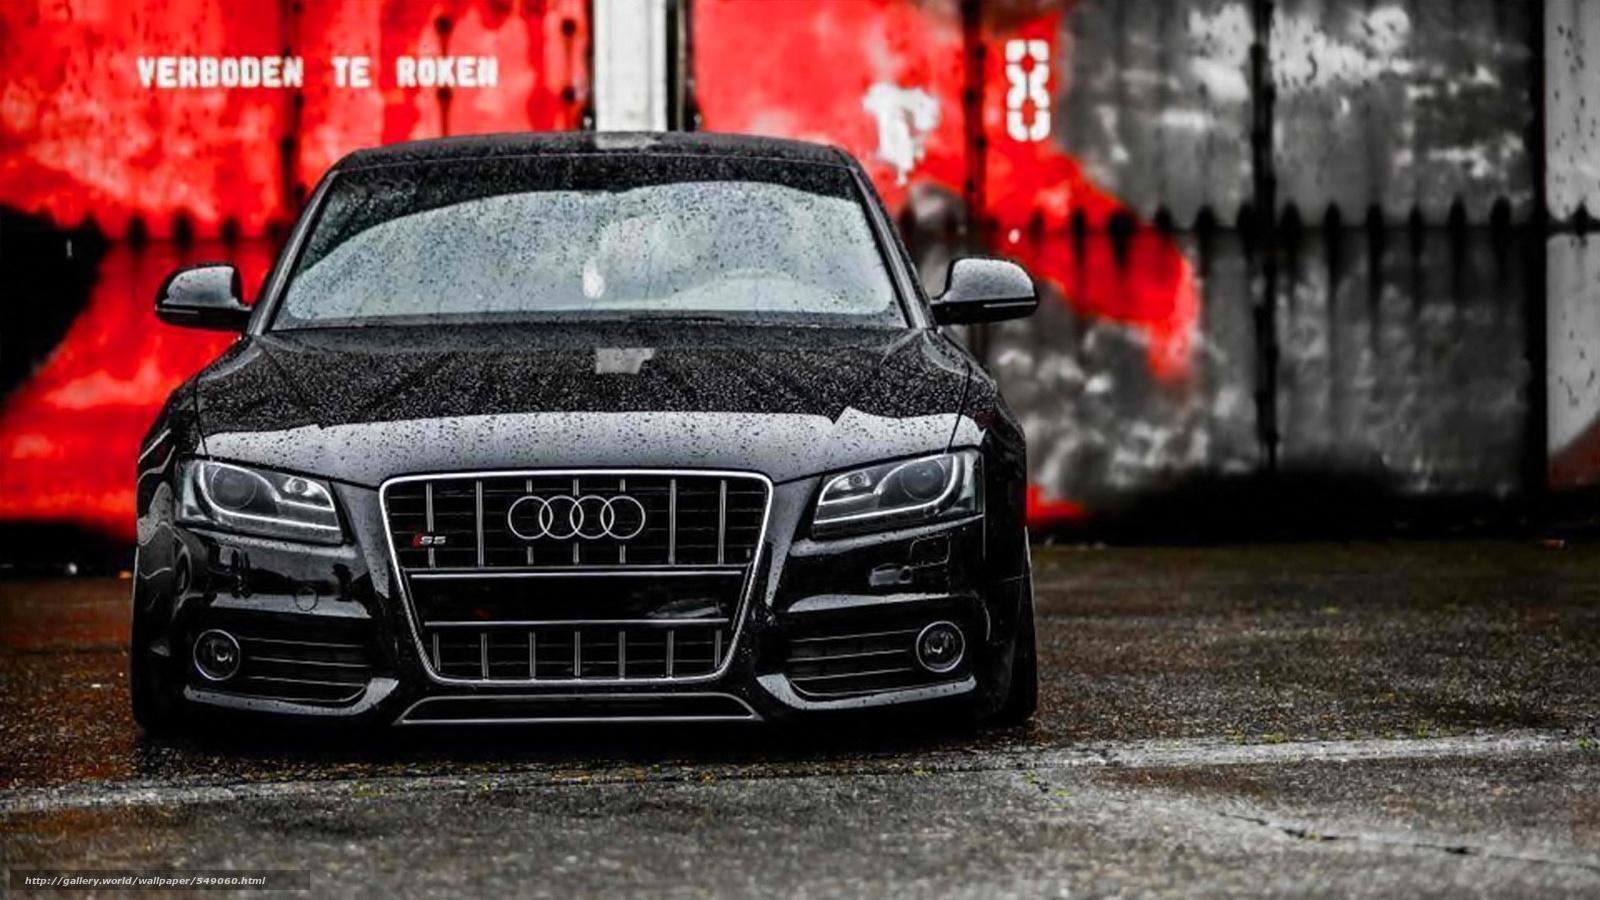 Tlcharger Fond D Ecran Audi Rs5 Audi Noir Fonds D Ecran